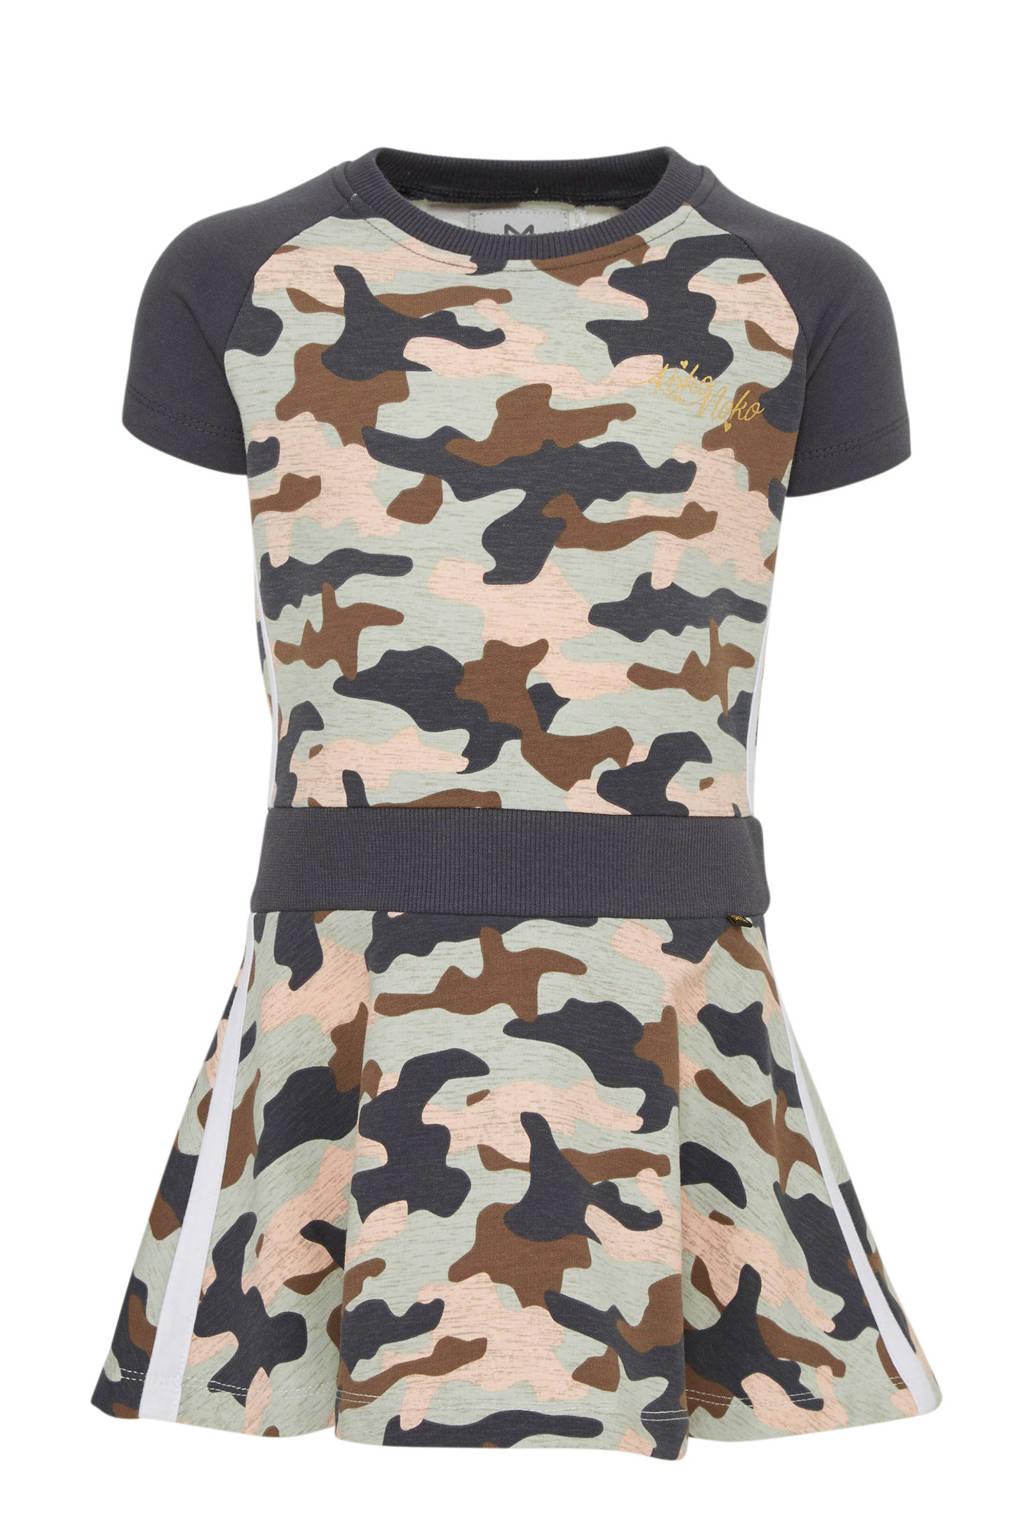 Koko Noko jersey jurk met camouflageprint antraciet/bruin/mintgroen, Antraciet/bruin/mintgroen